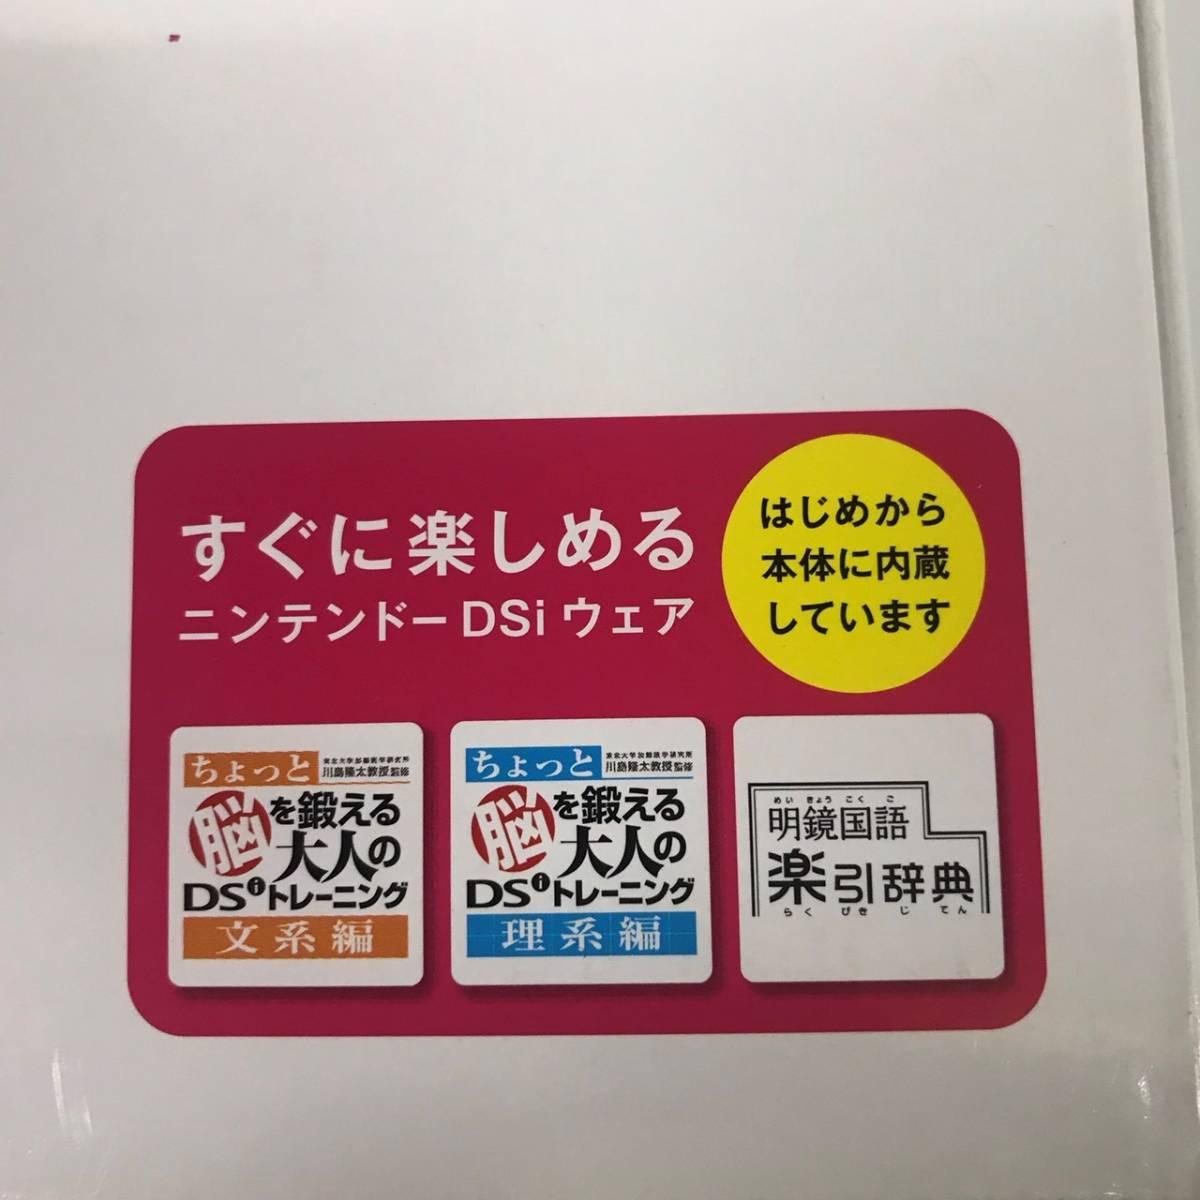 すぐ遊べる★新品・DSi LL★NINTENDO DSi LL グリーン 任天堂ソフト5本セット ★ 【k273】_画像4